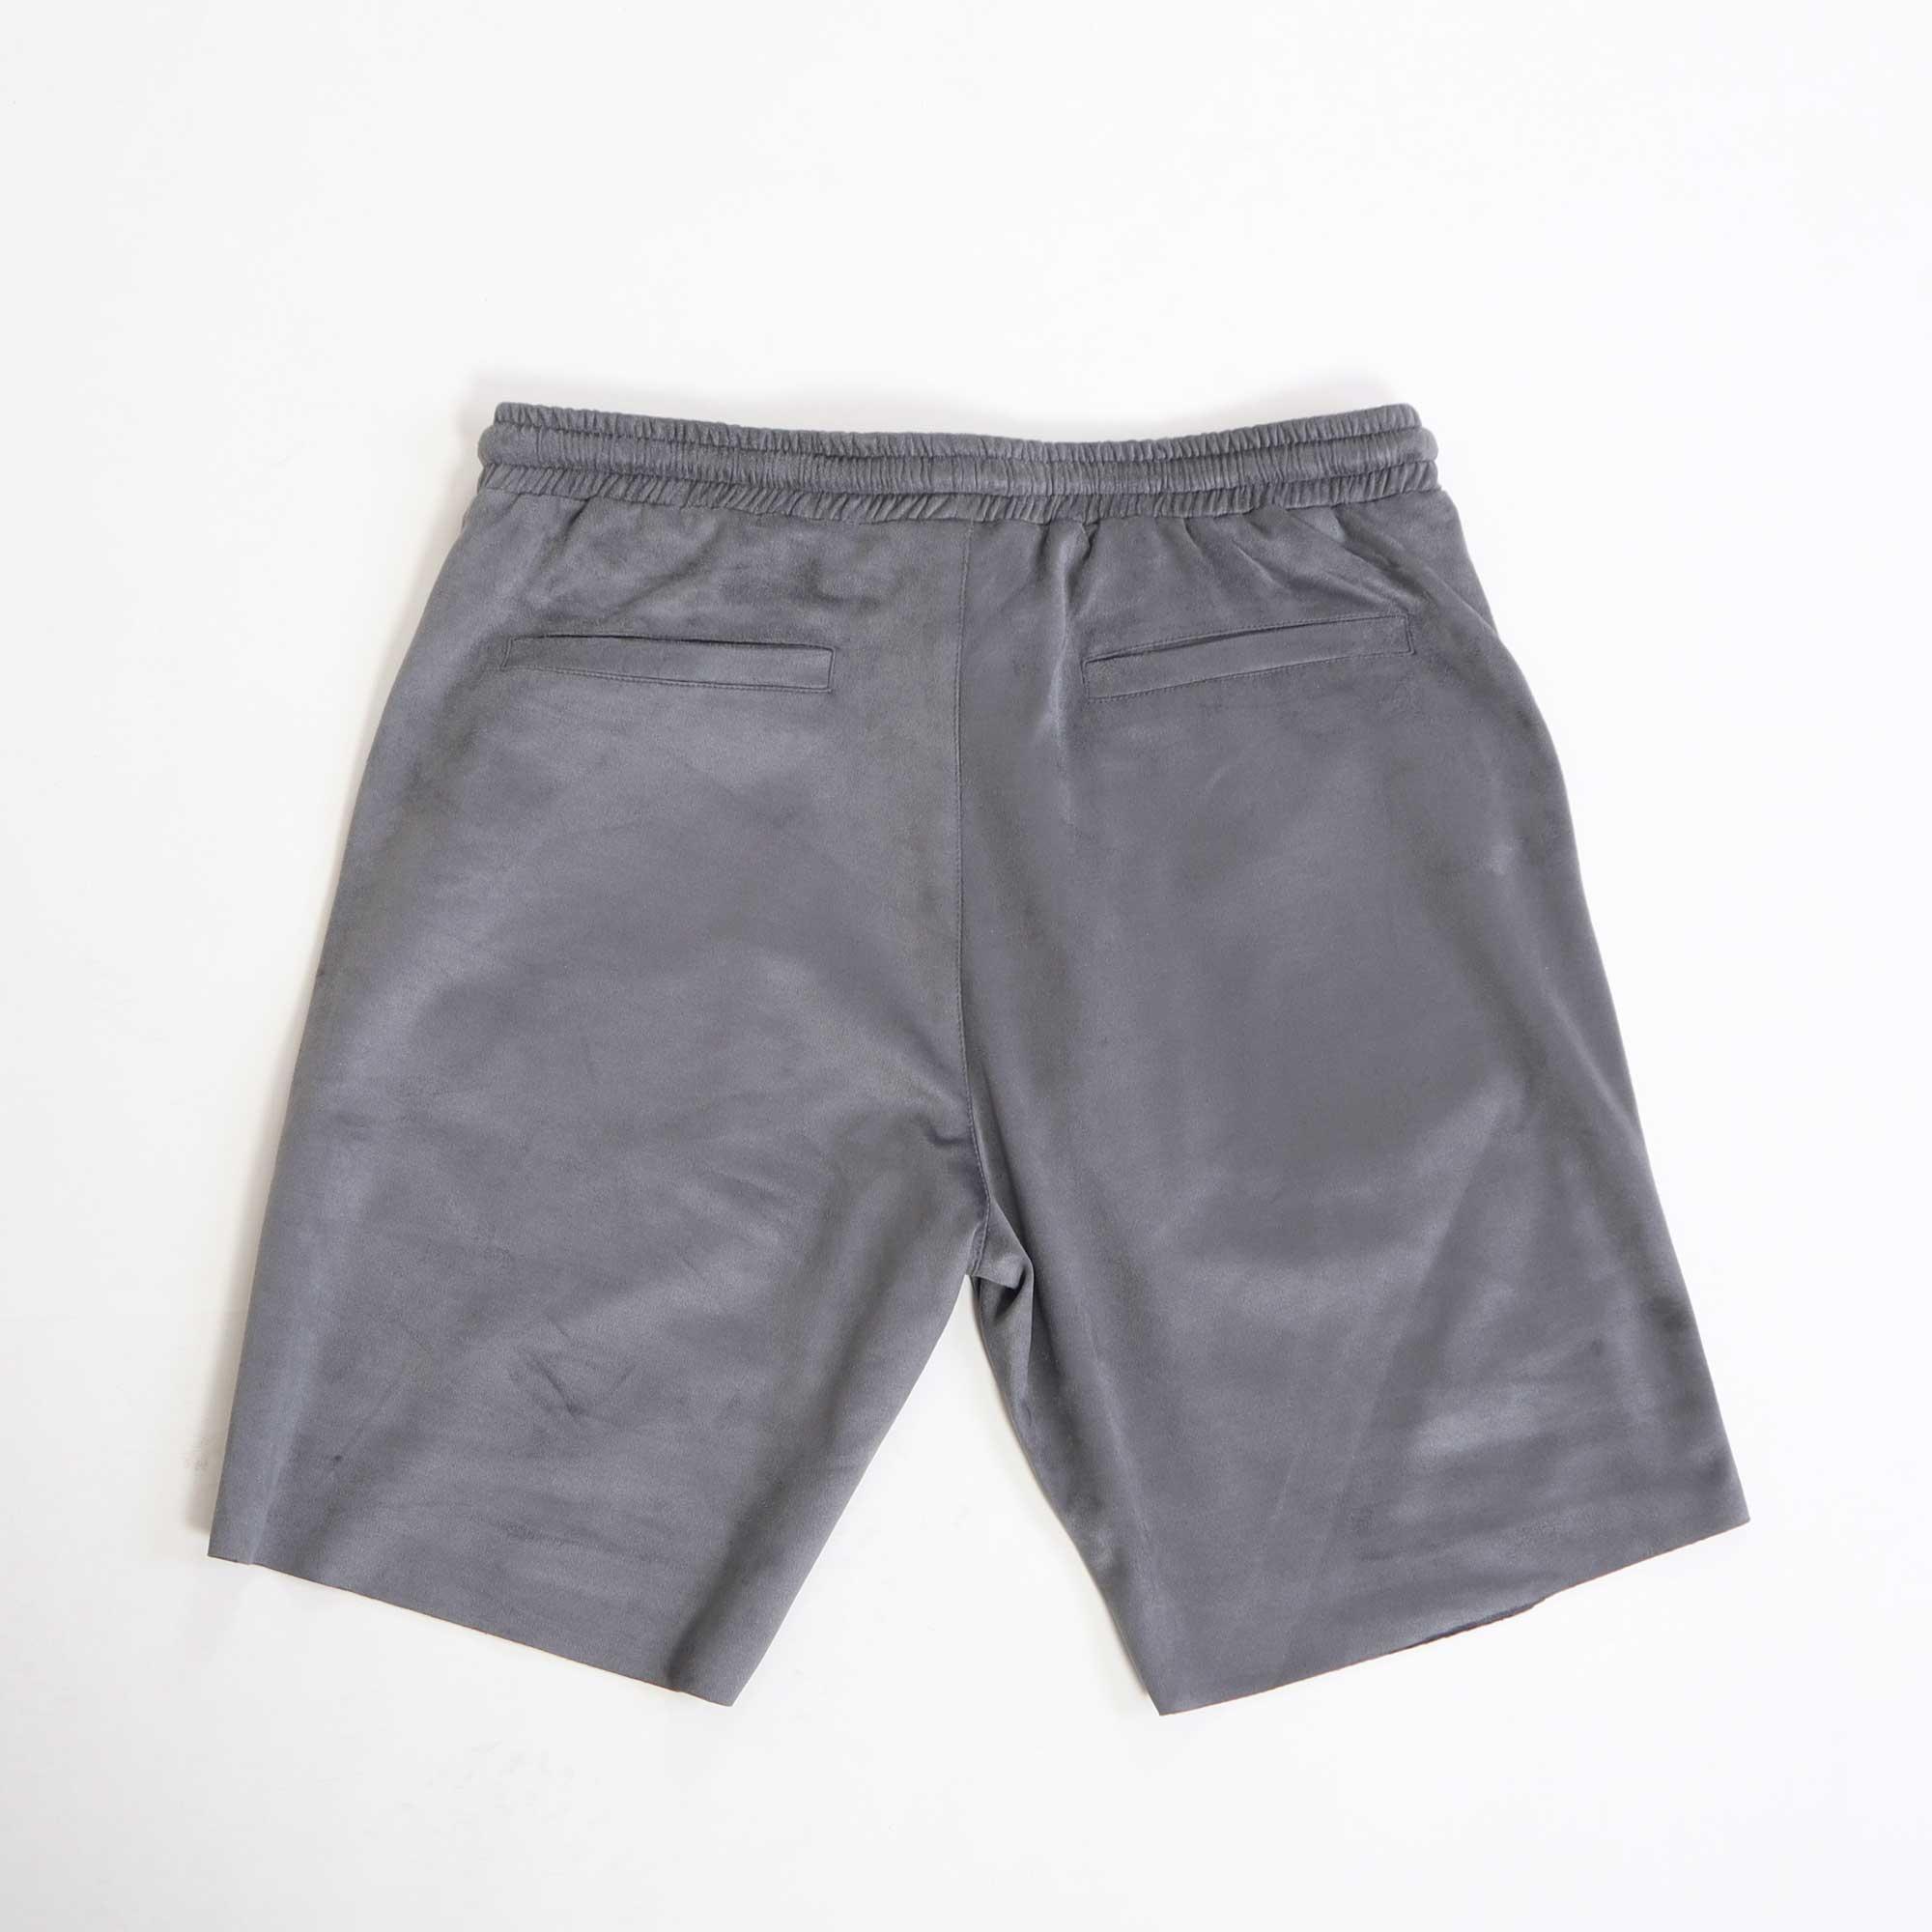 suede-short-grey-4